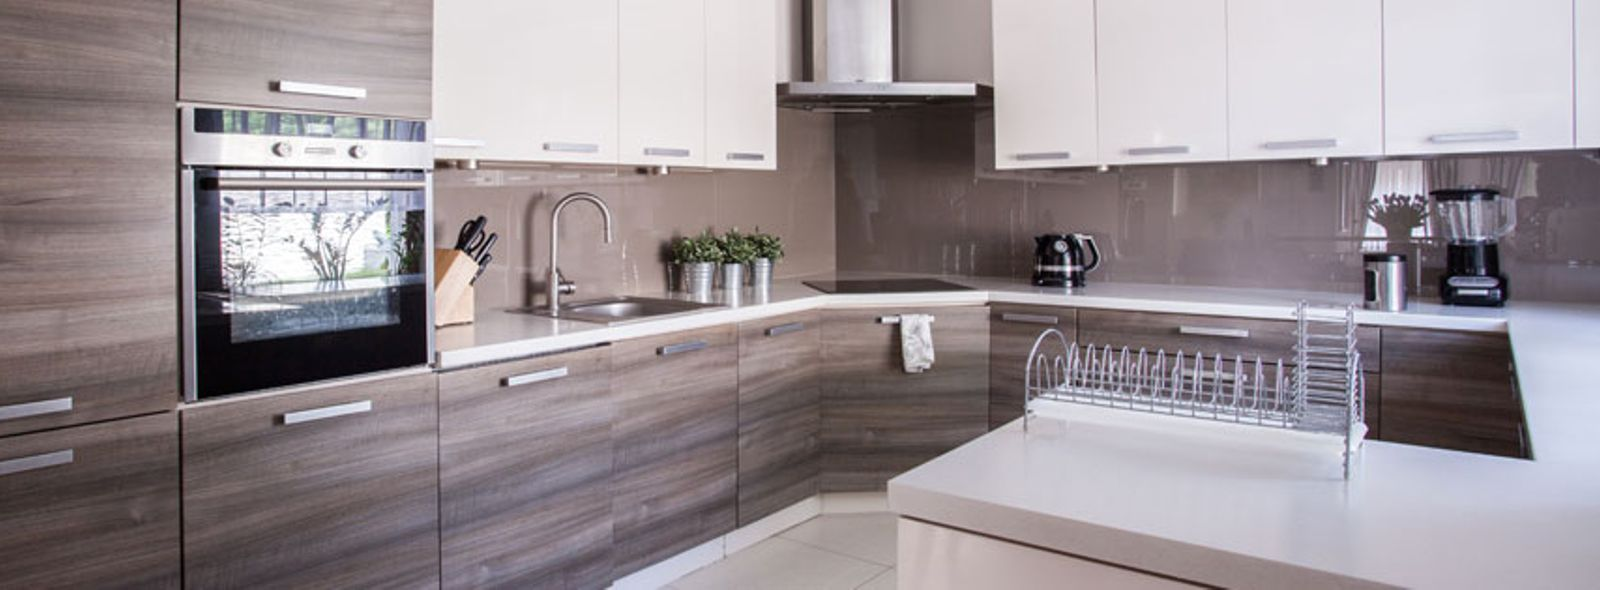 Abbinare colori pareti e pavimenti della cucina | Trovami